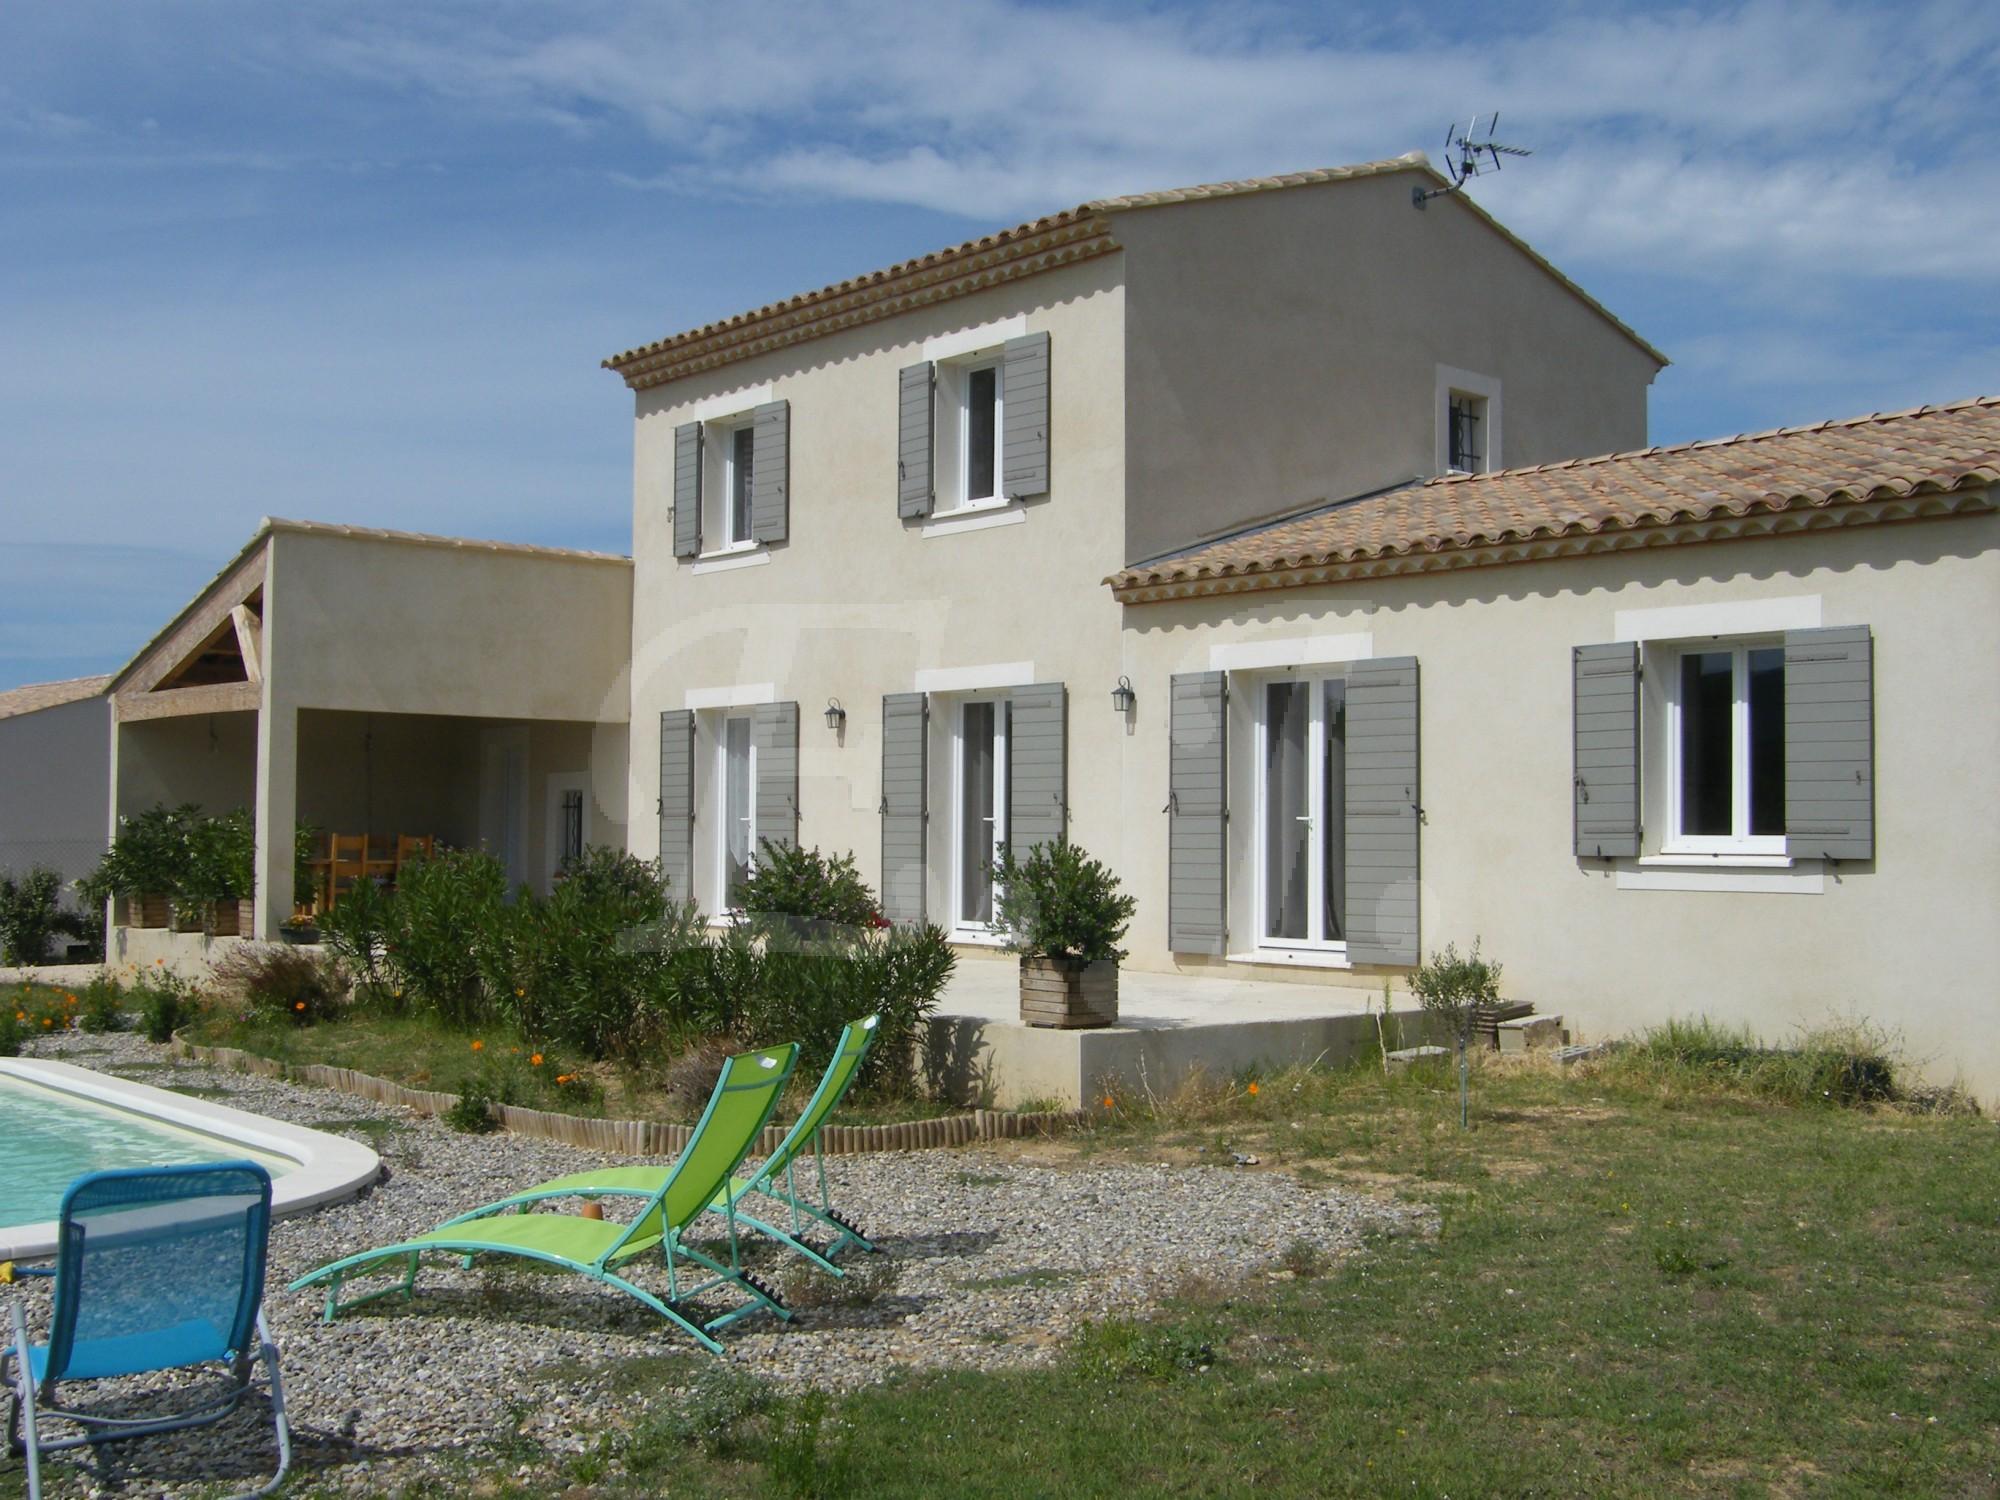 Ventes villa t5 f5 gordes maison r cente proche de gordes for Vente maison recente